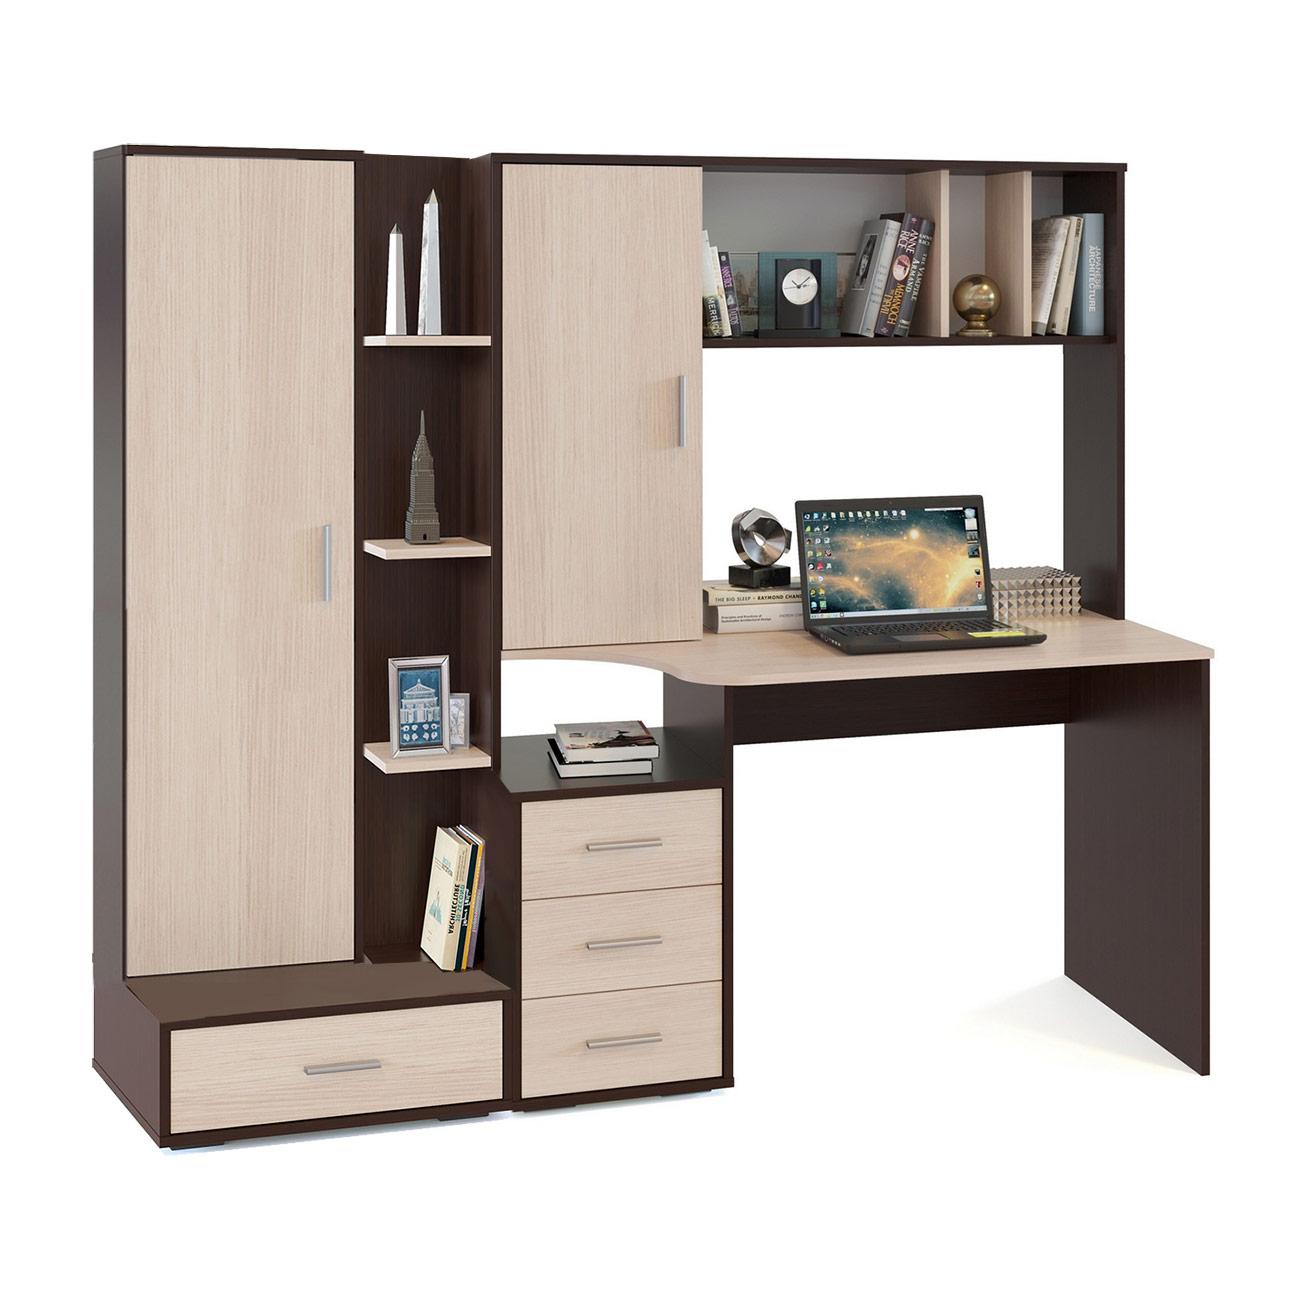 Компьютерный стол в комплекте СОКОЛ КСТ-16+СТ-9 180x60x160, венге/беленый дуб